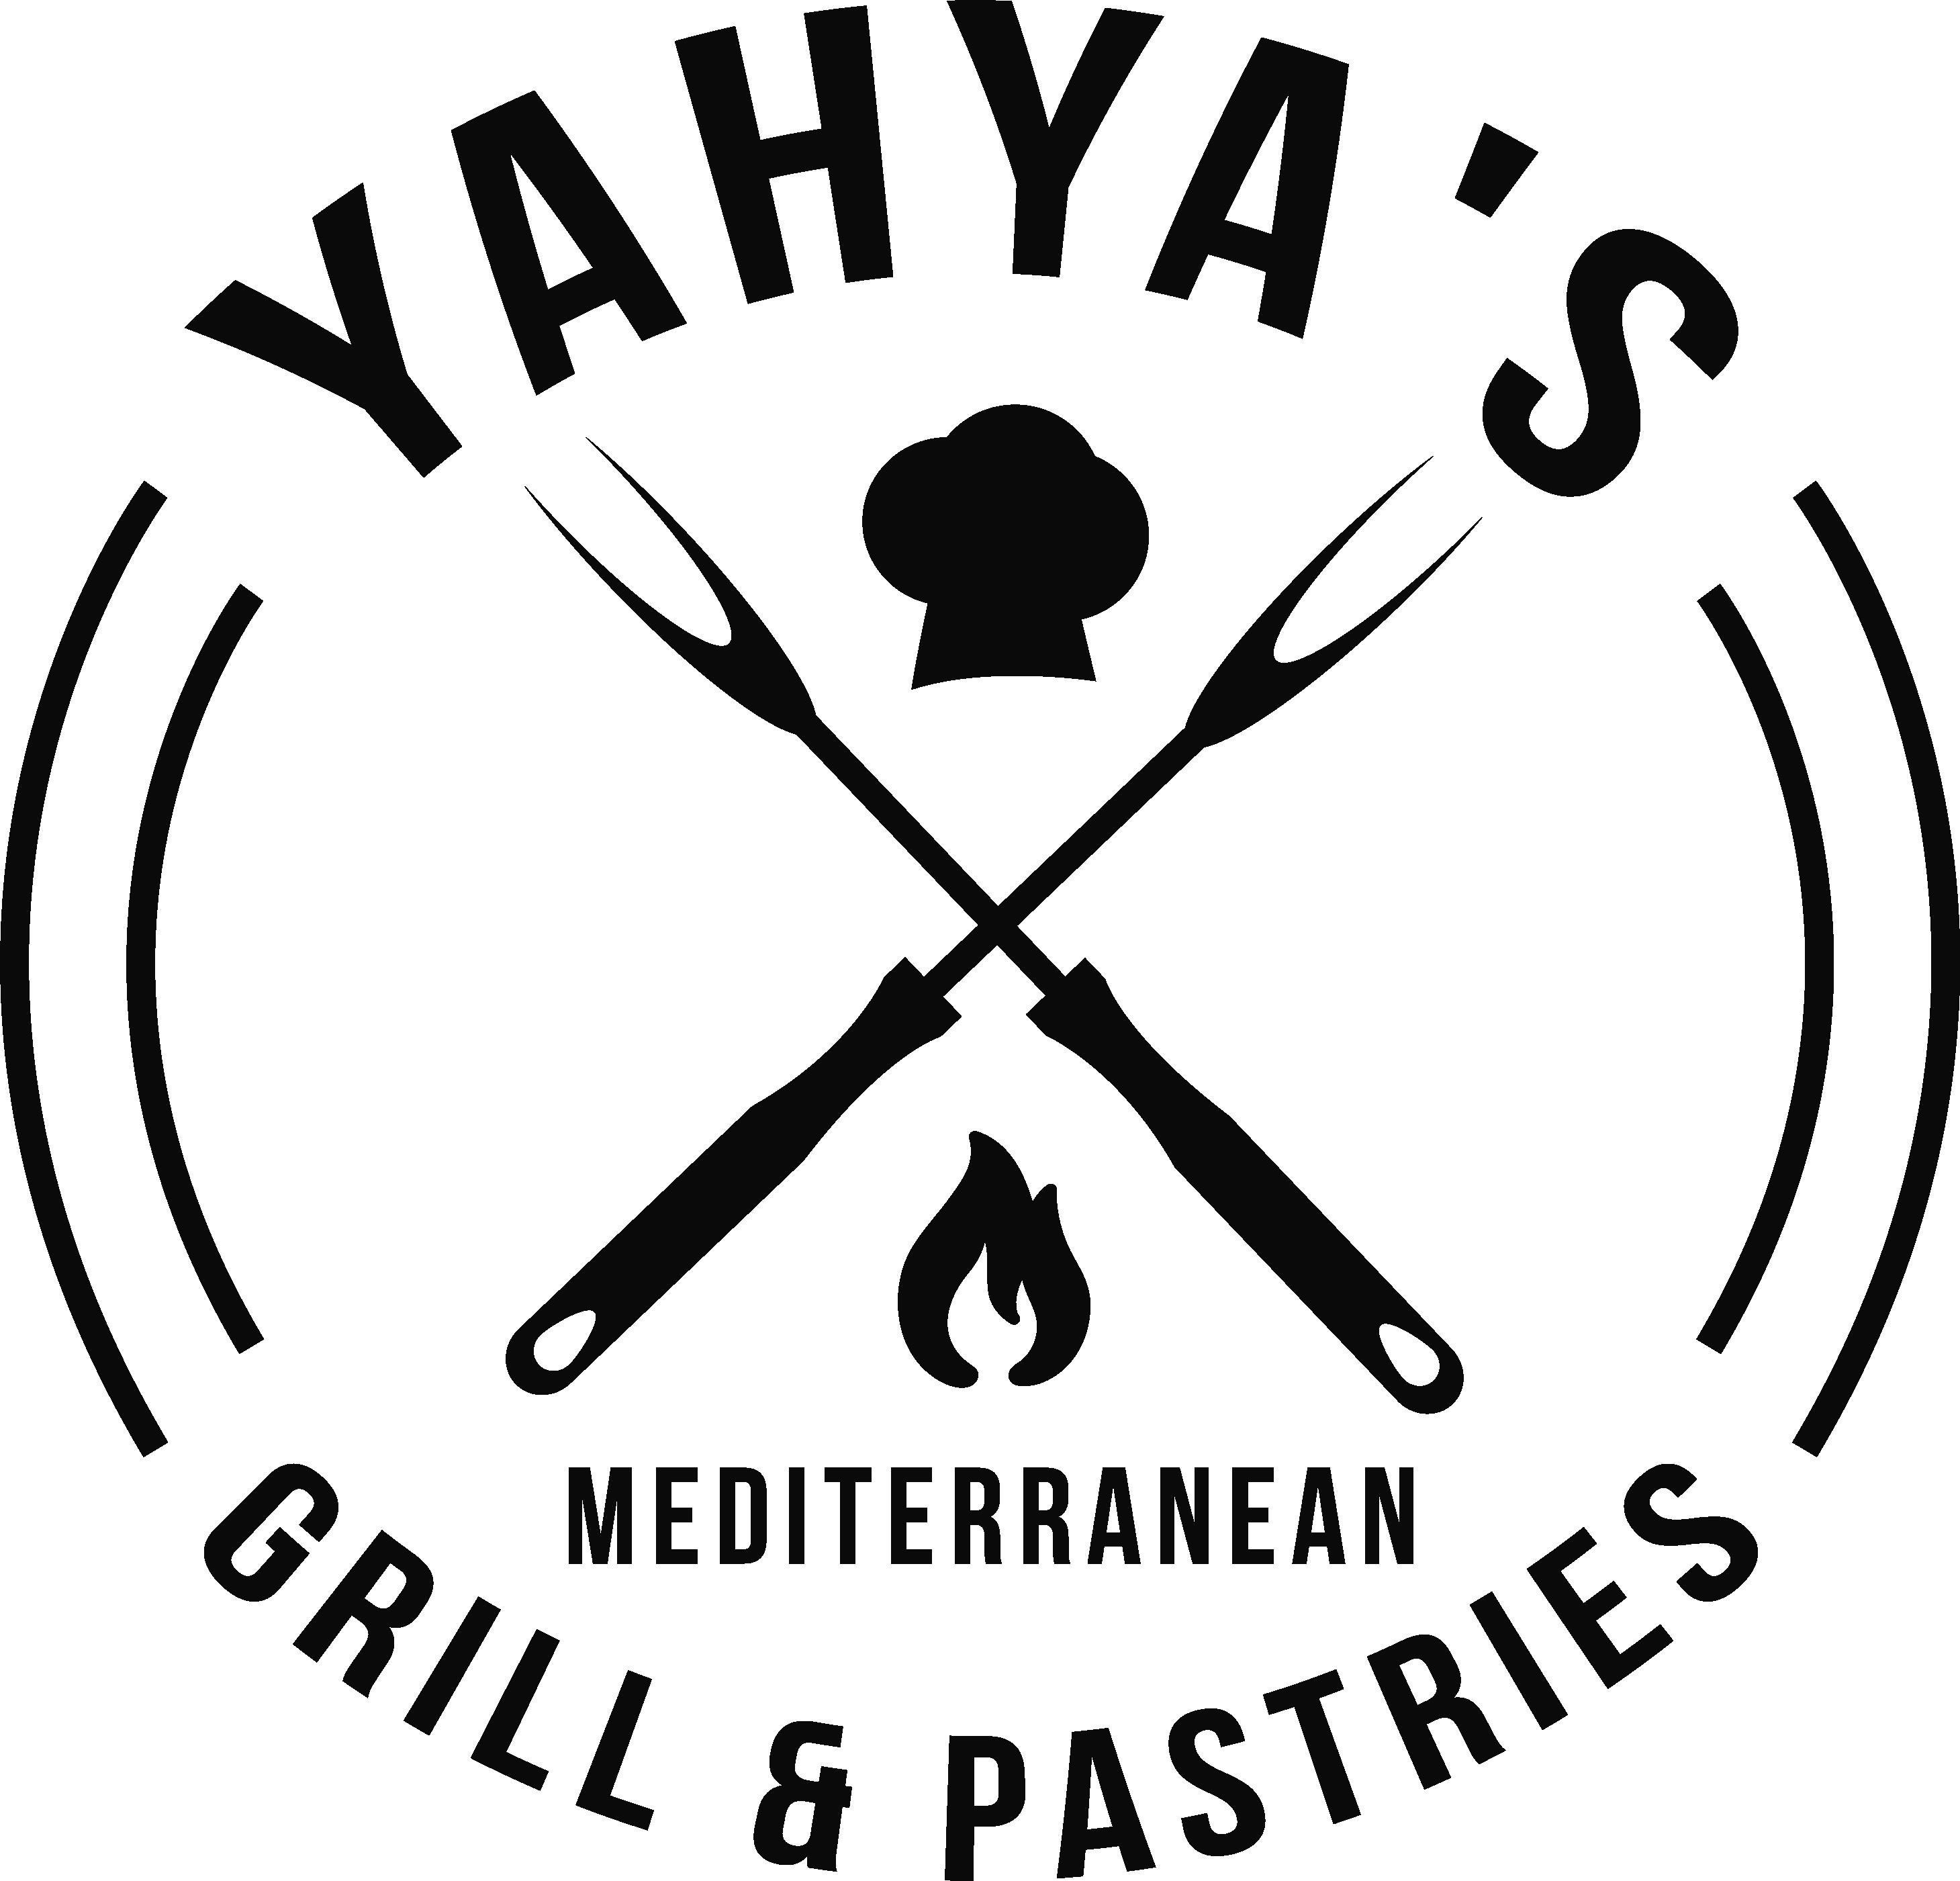 Yahya's Mediterranean Grill & Pastries